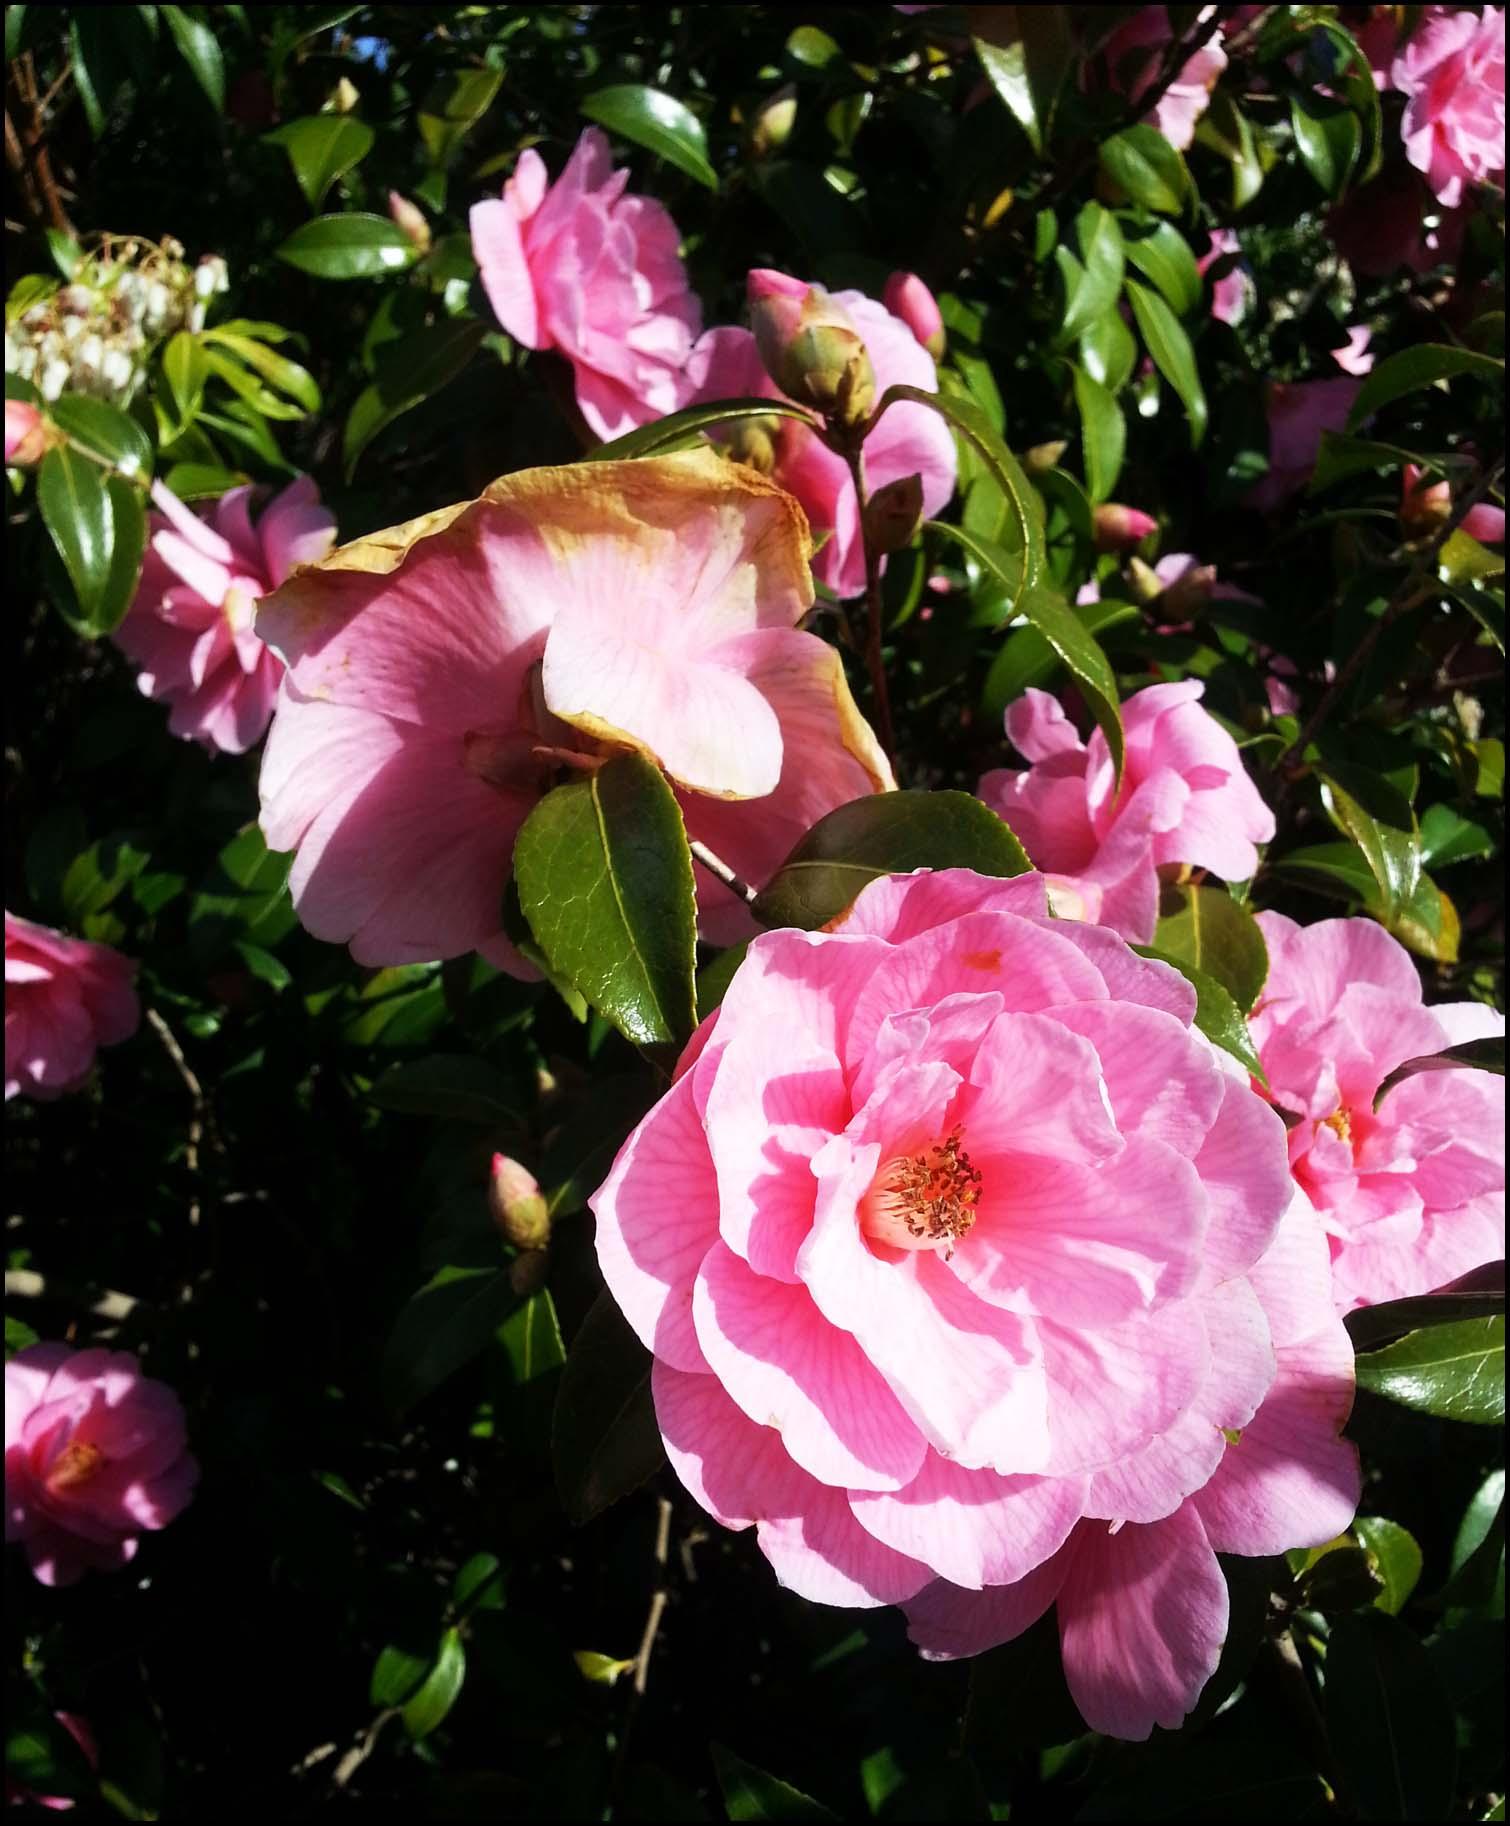 Camellias in the garden